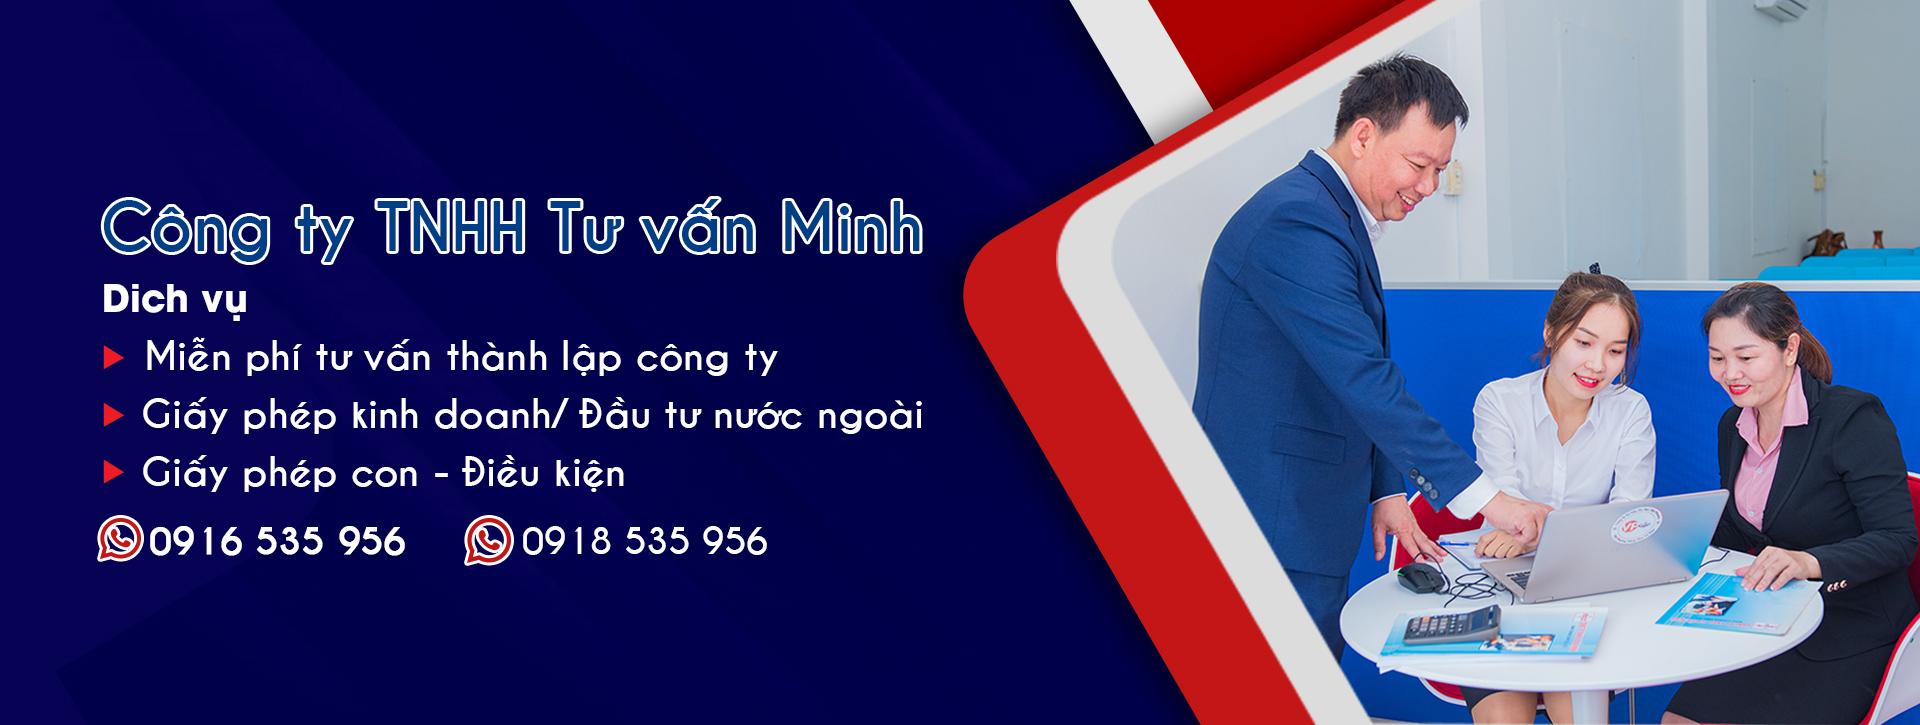 dịch vụ thành lập công ty Đồng Nai